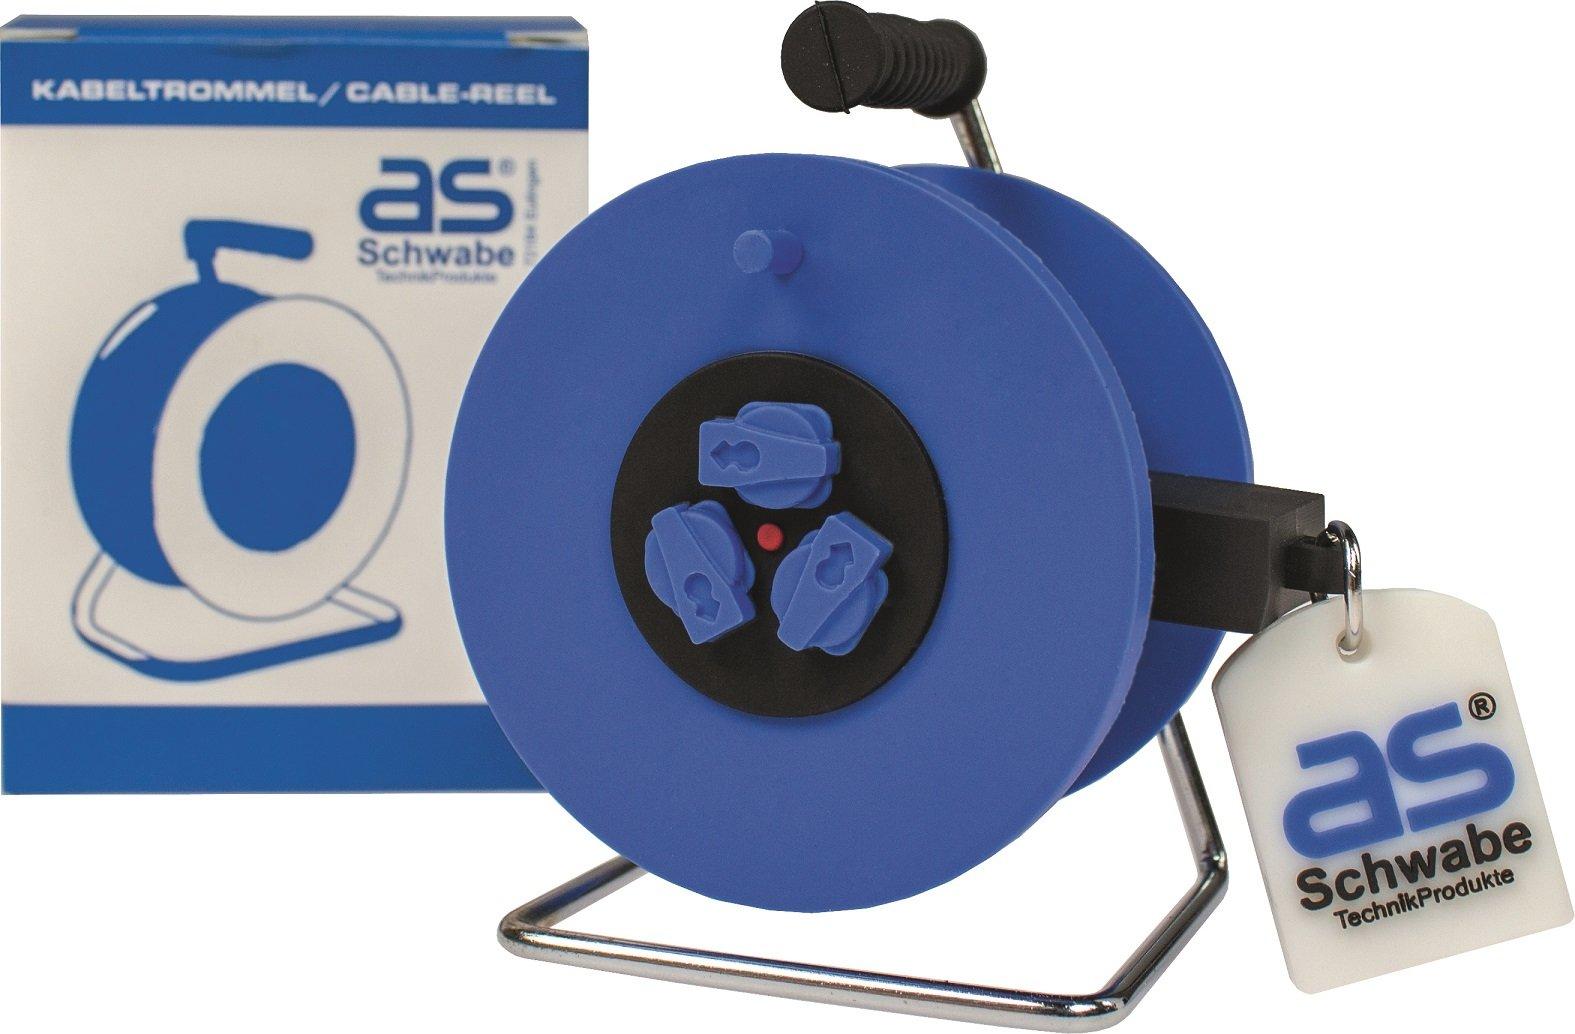 AS  - シュワーベ99458ラインボリューム2 GBのUSB 2.0フラッシュドライブ*スティック、提示電気技師楽しい贈り物、青